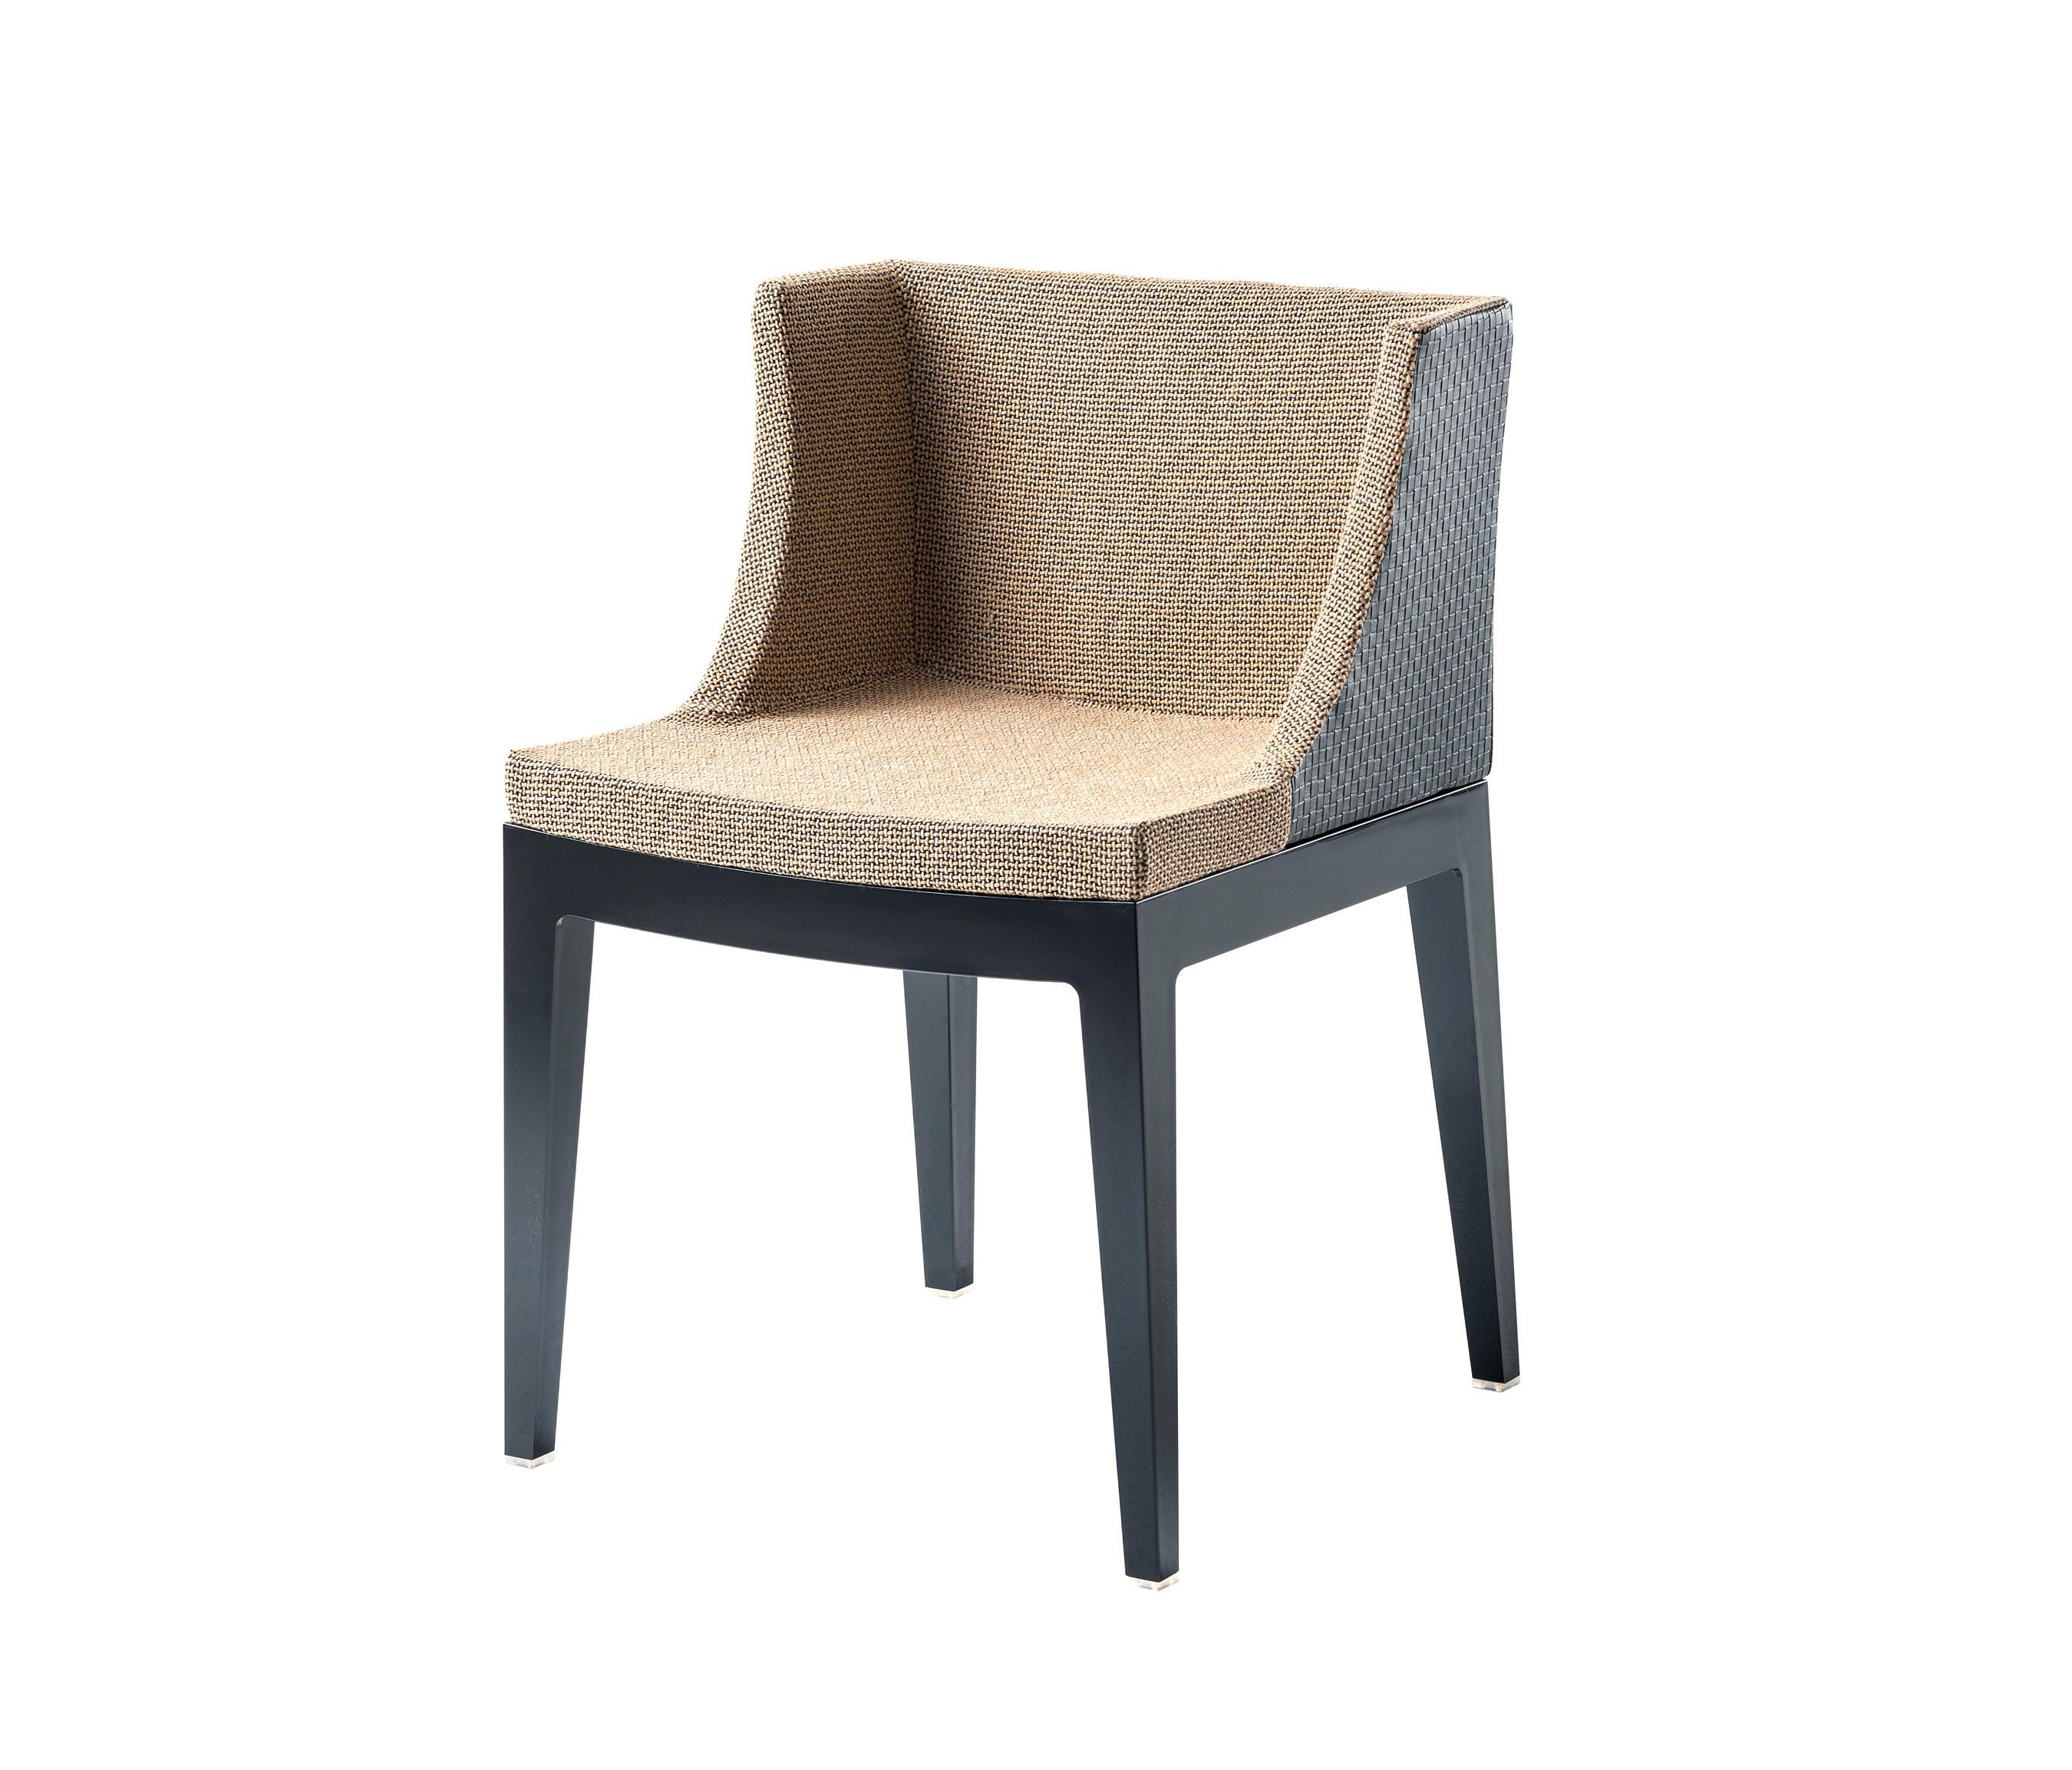 mademoiselle kravitz restaurantst hle von kartell. Black Bedroom Furniture Sets. Home Design Ideas